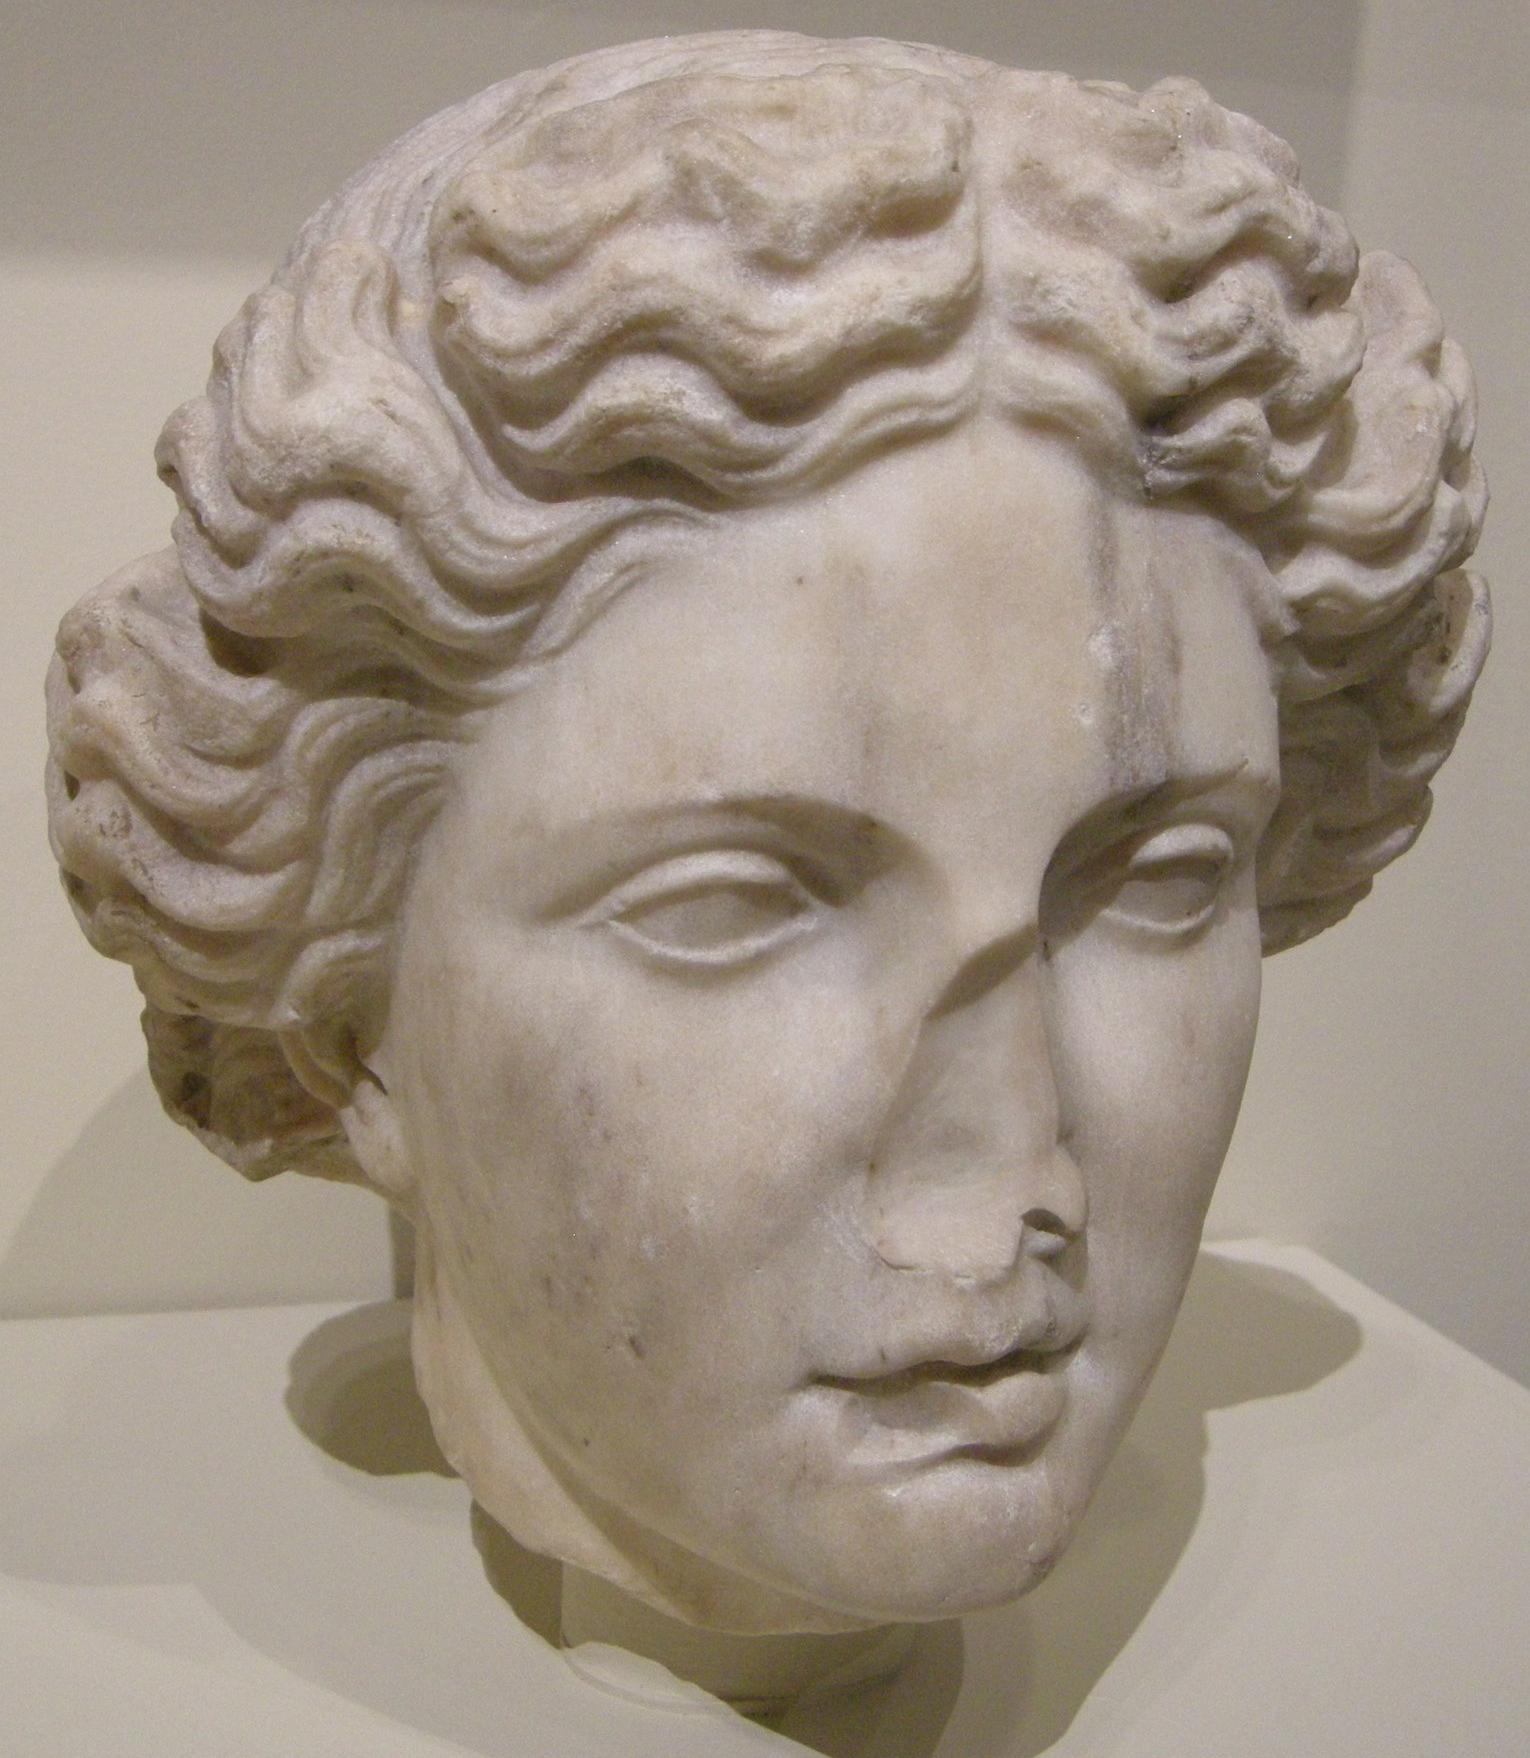 file arte romana testa di apollo i ii secolo da un originale greco delll 39 inizio del iv secolo. Black Bedroom Furniture Sets. Home Design Ideas